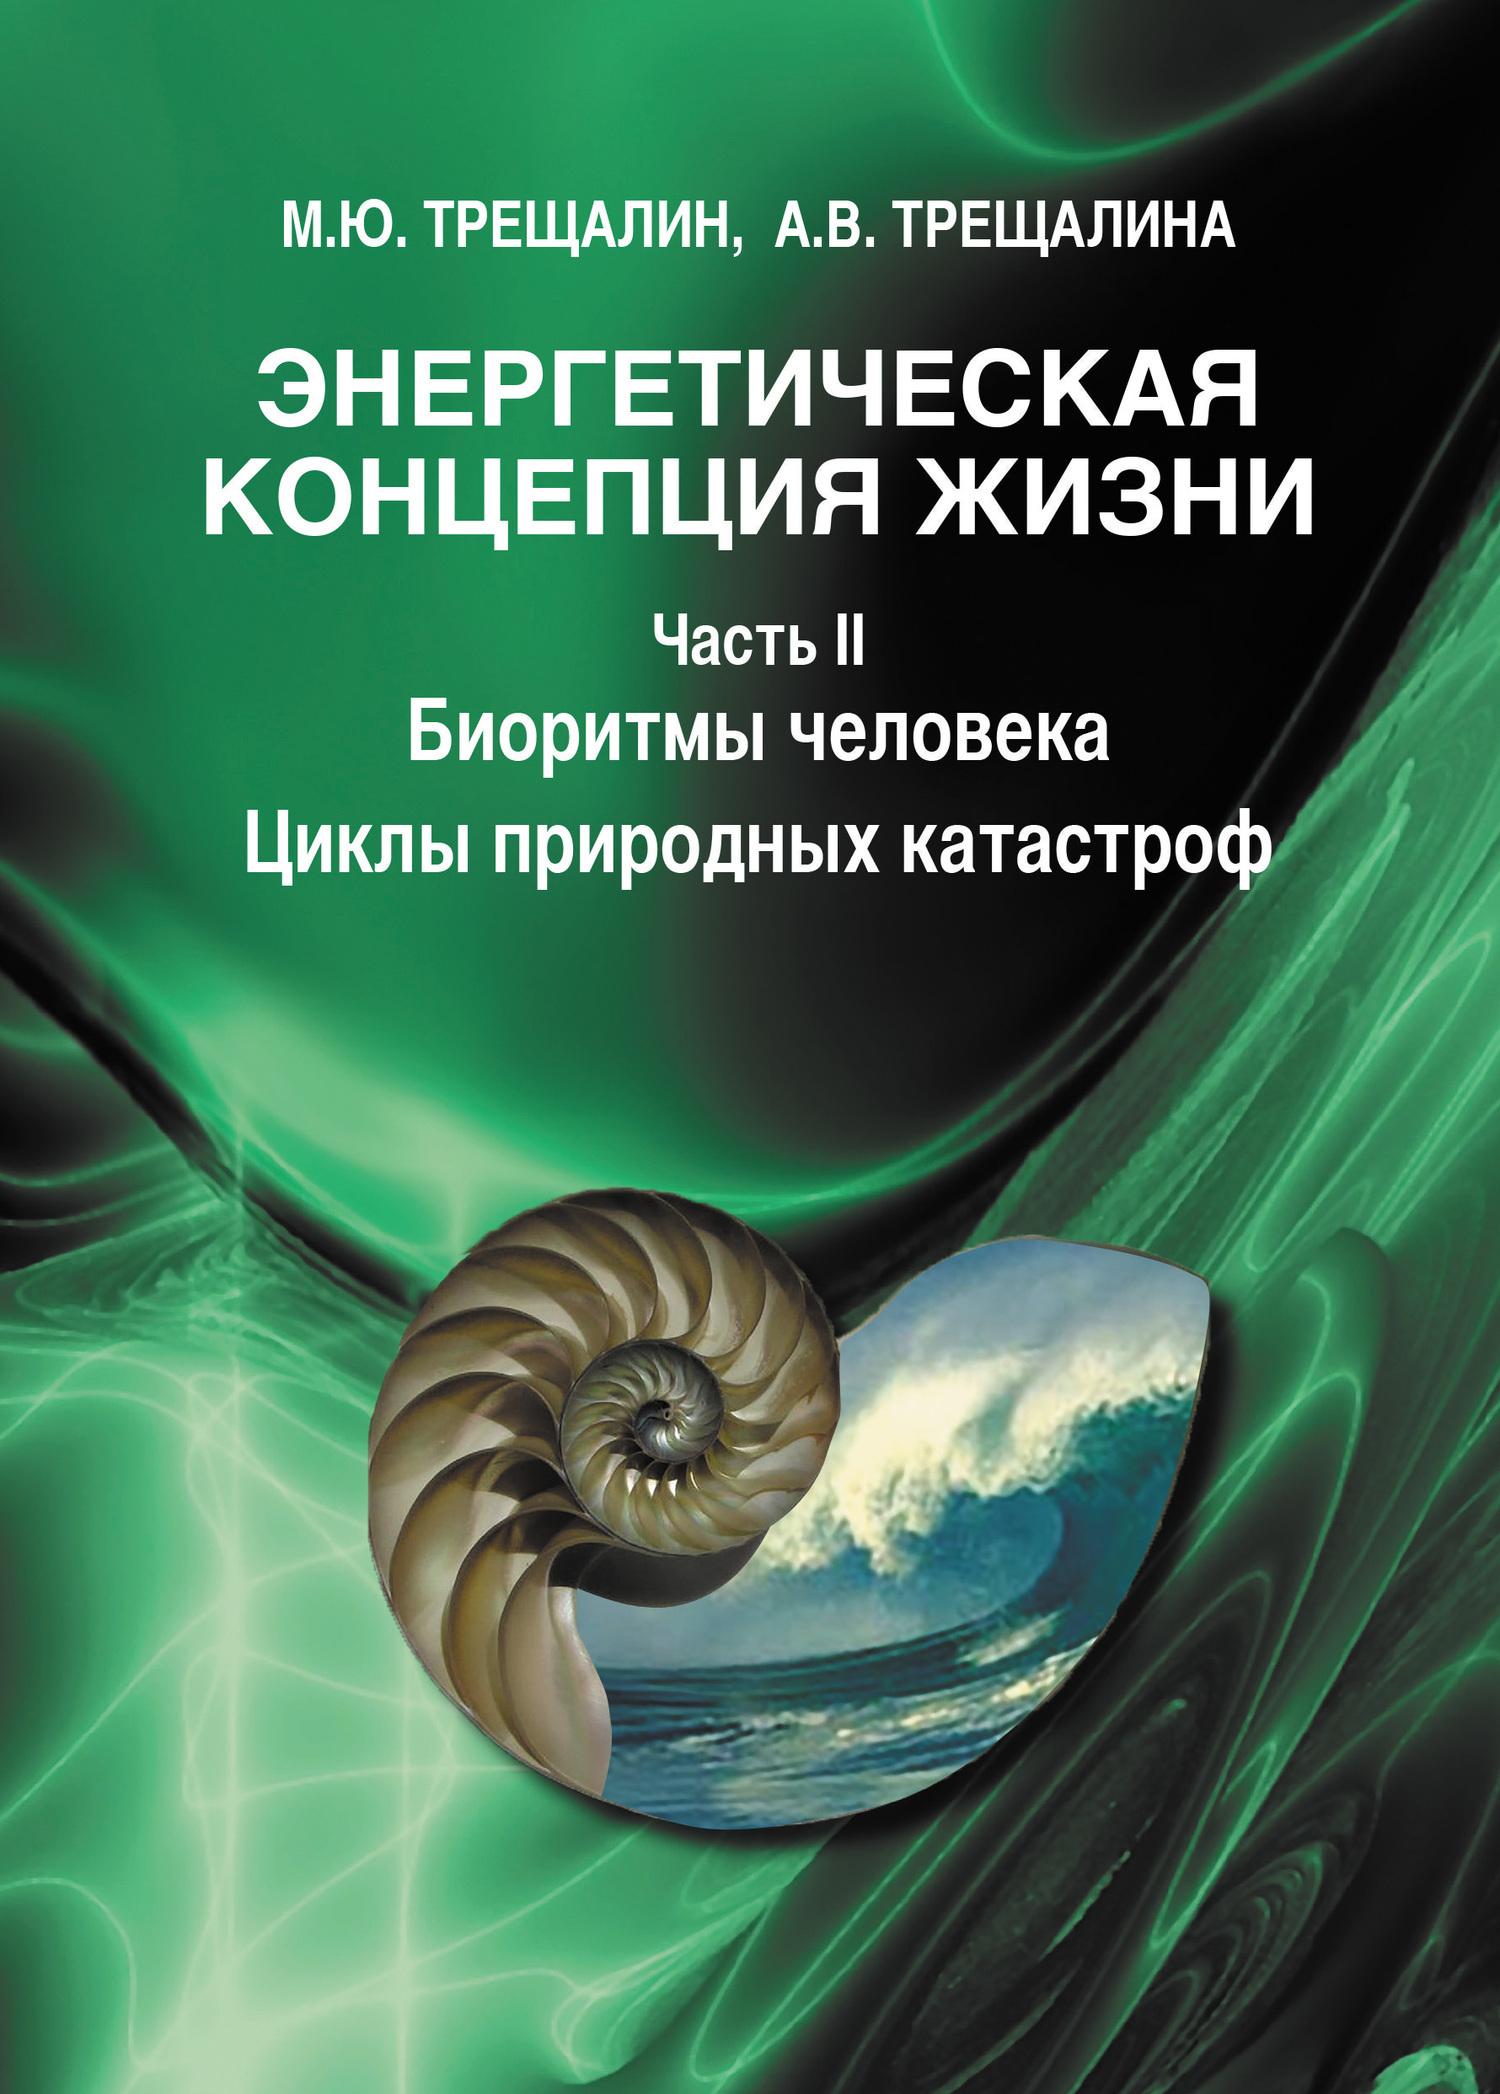 Энергетическая концепция жизни. Часть II. Биоритмы человека. Циклы природных катастроф